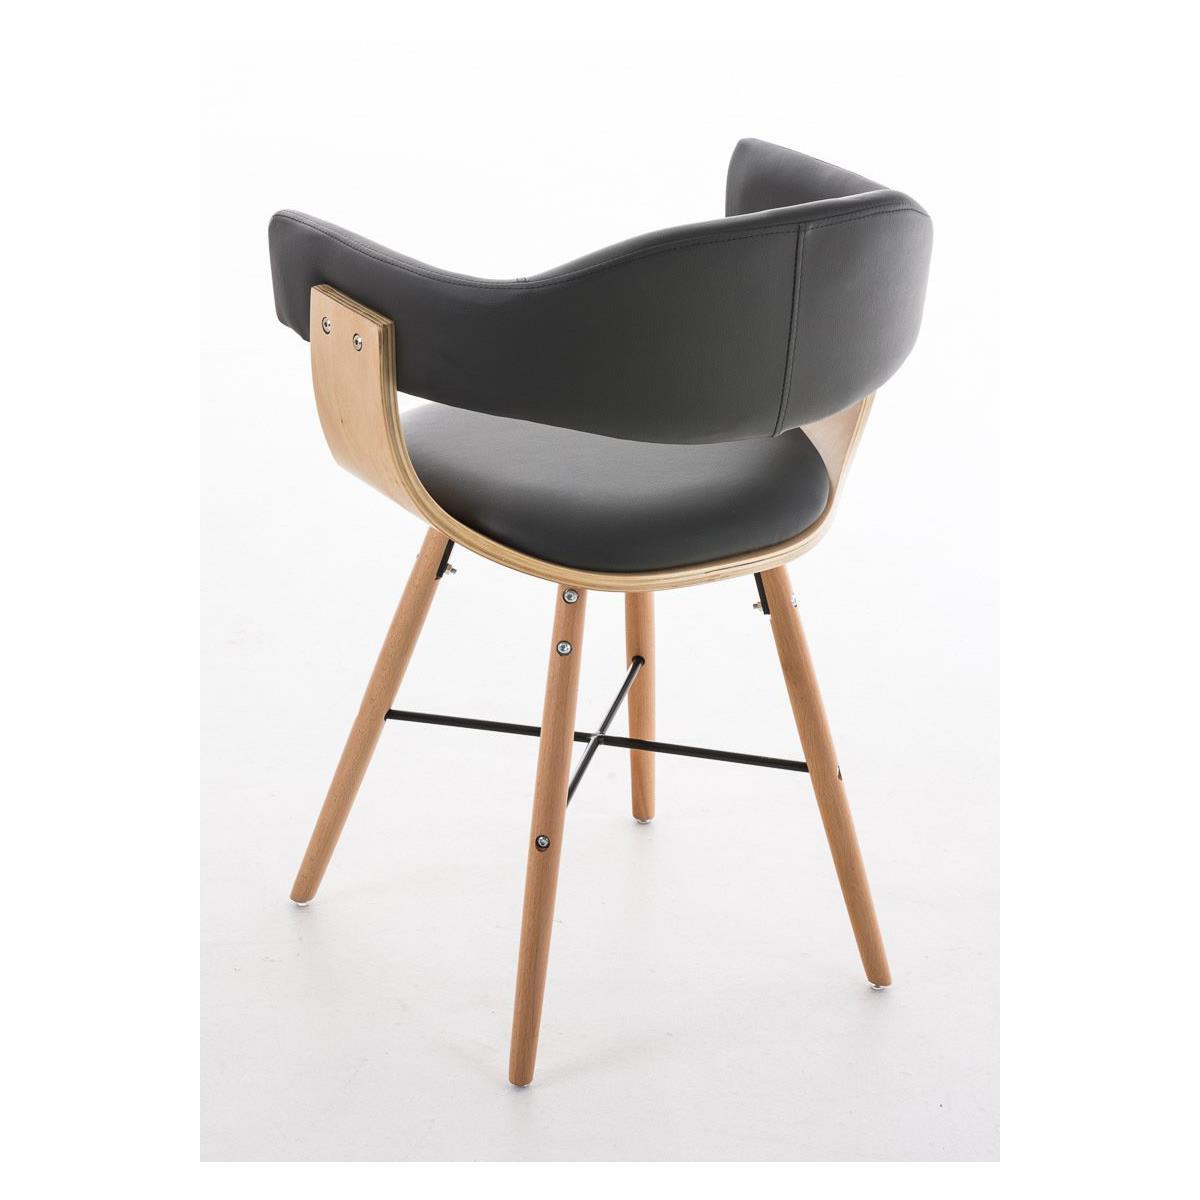 Réunion Et Design Bois GardisteEn BarryGrand De Avant Chaise D9WEHI2